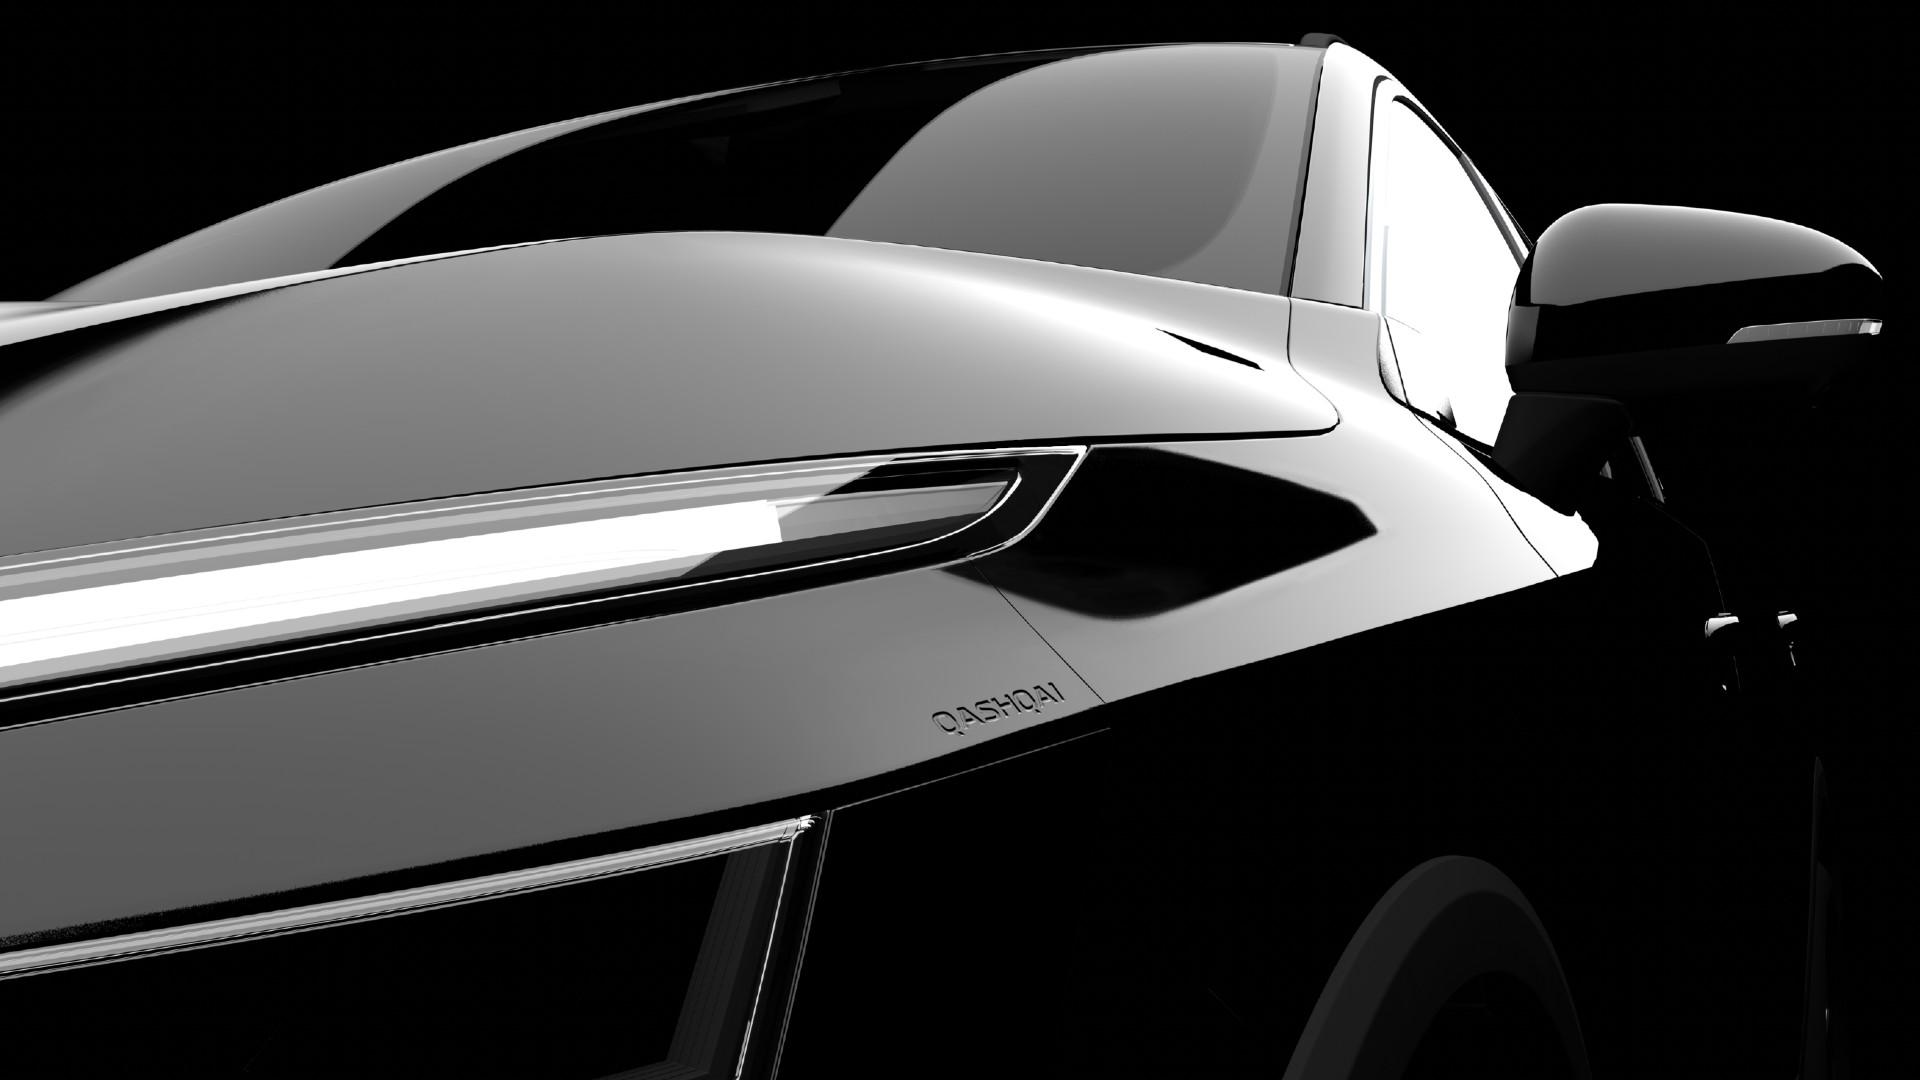 Νέο Nissan Qashqai: Αυτό είναι το εσωτερικό του! [pic]